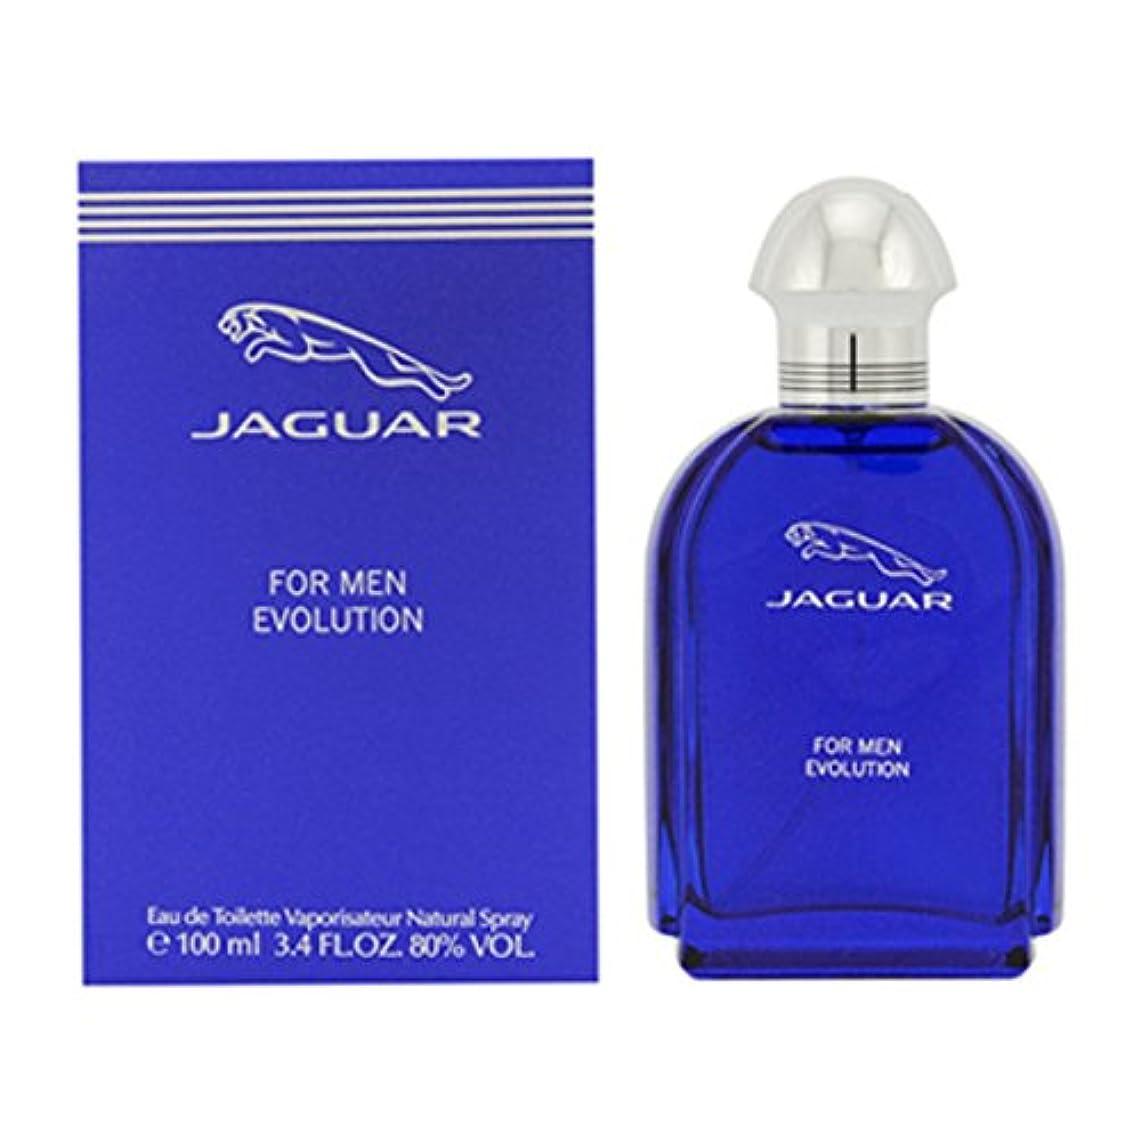 傷つきやすい現実には虹ジャガー JAGUAR ジャガーフォーメン エボリューション 香水 3391-JR-100【メンズ】 [並行輸入品]